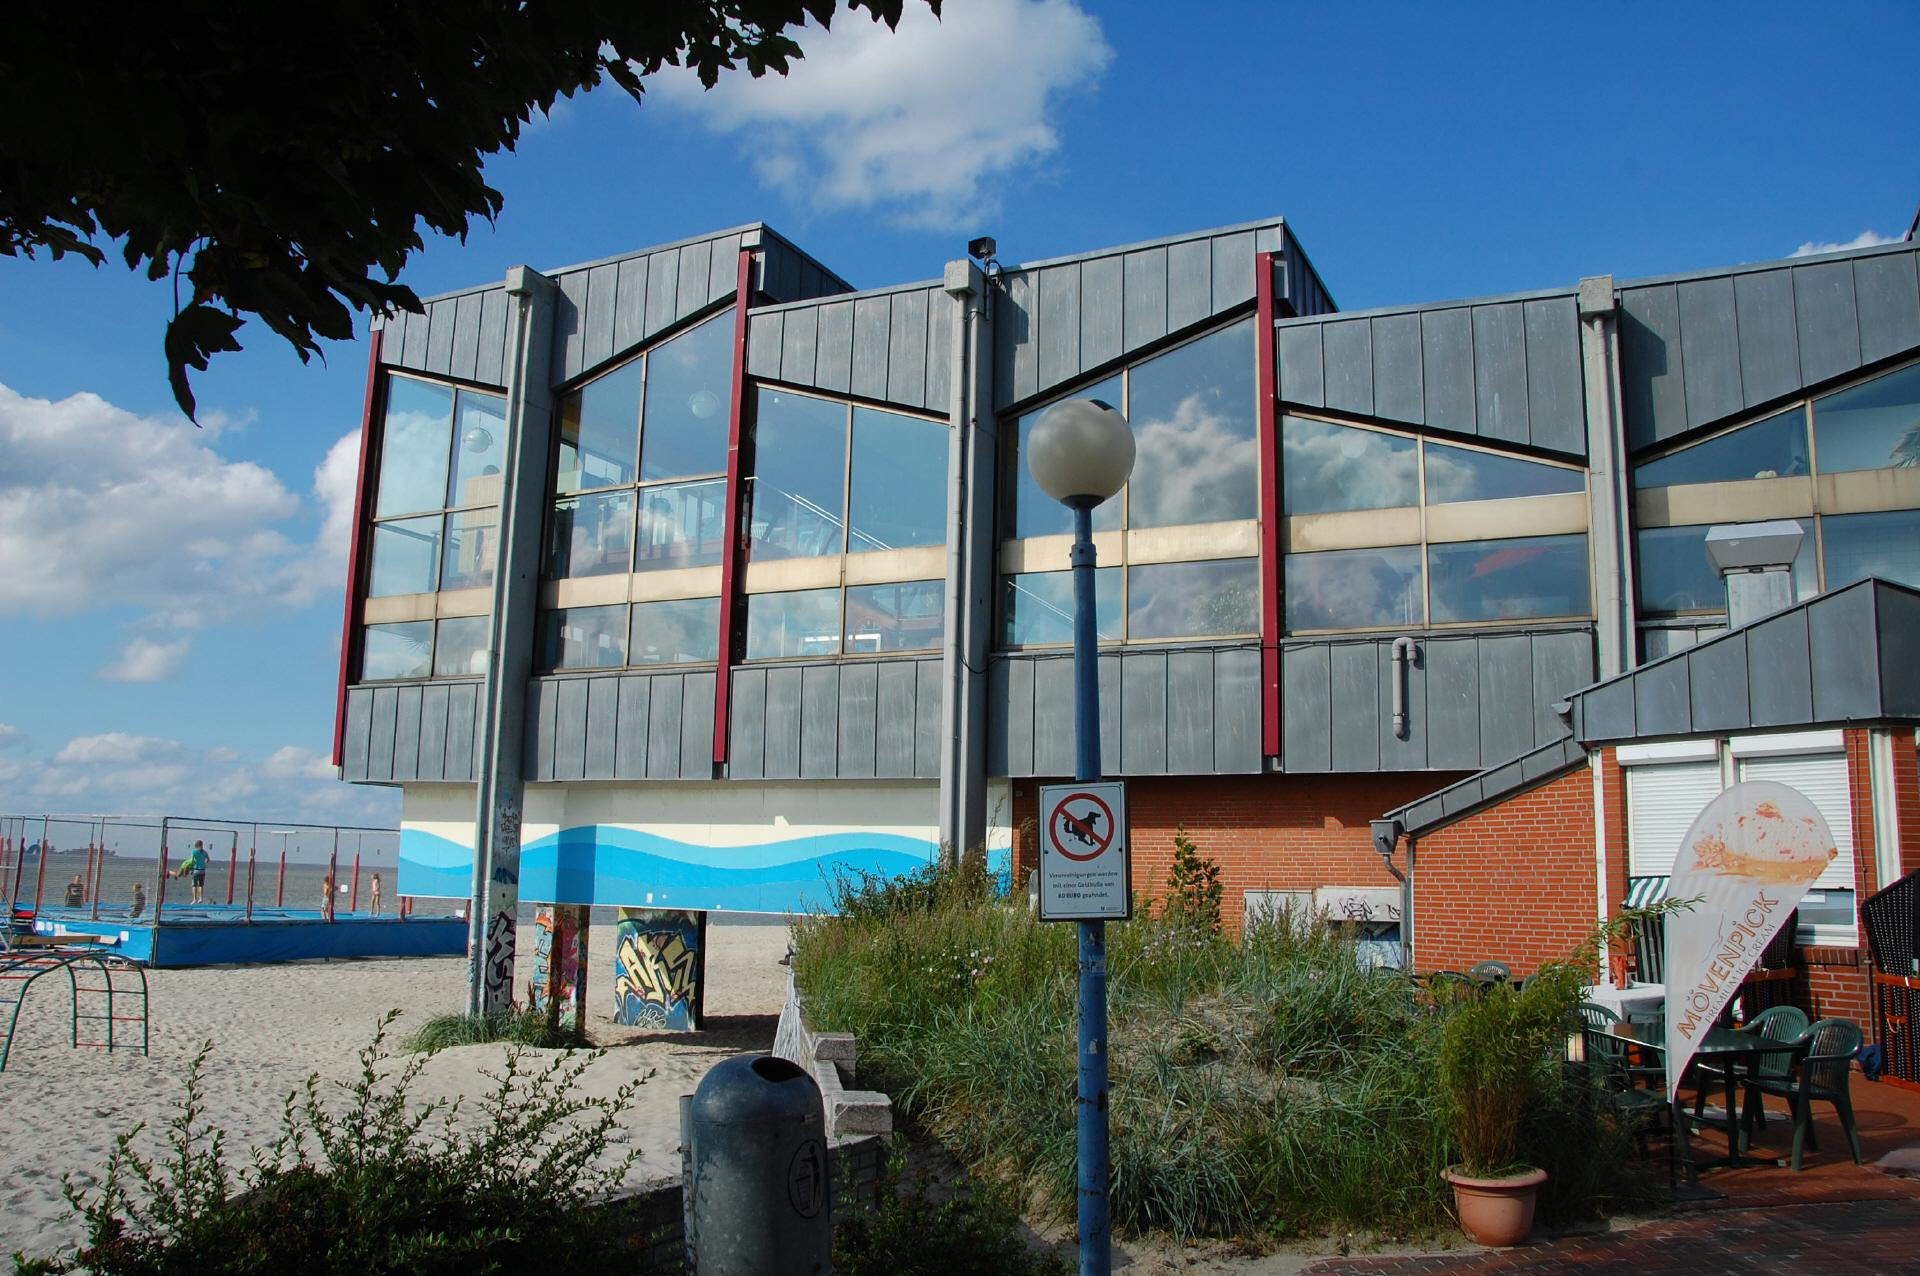 Schwimmhalle Neumünster schwimmbäder und badeparadiese in der nähe vom schönberger strand